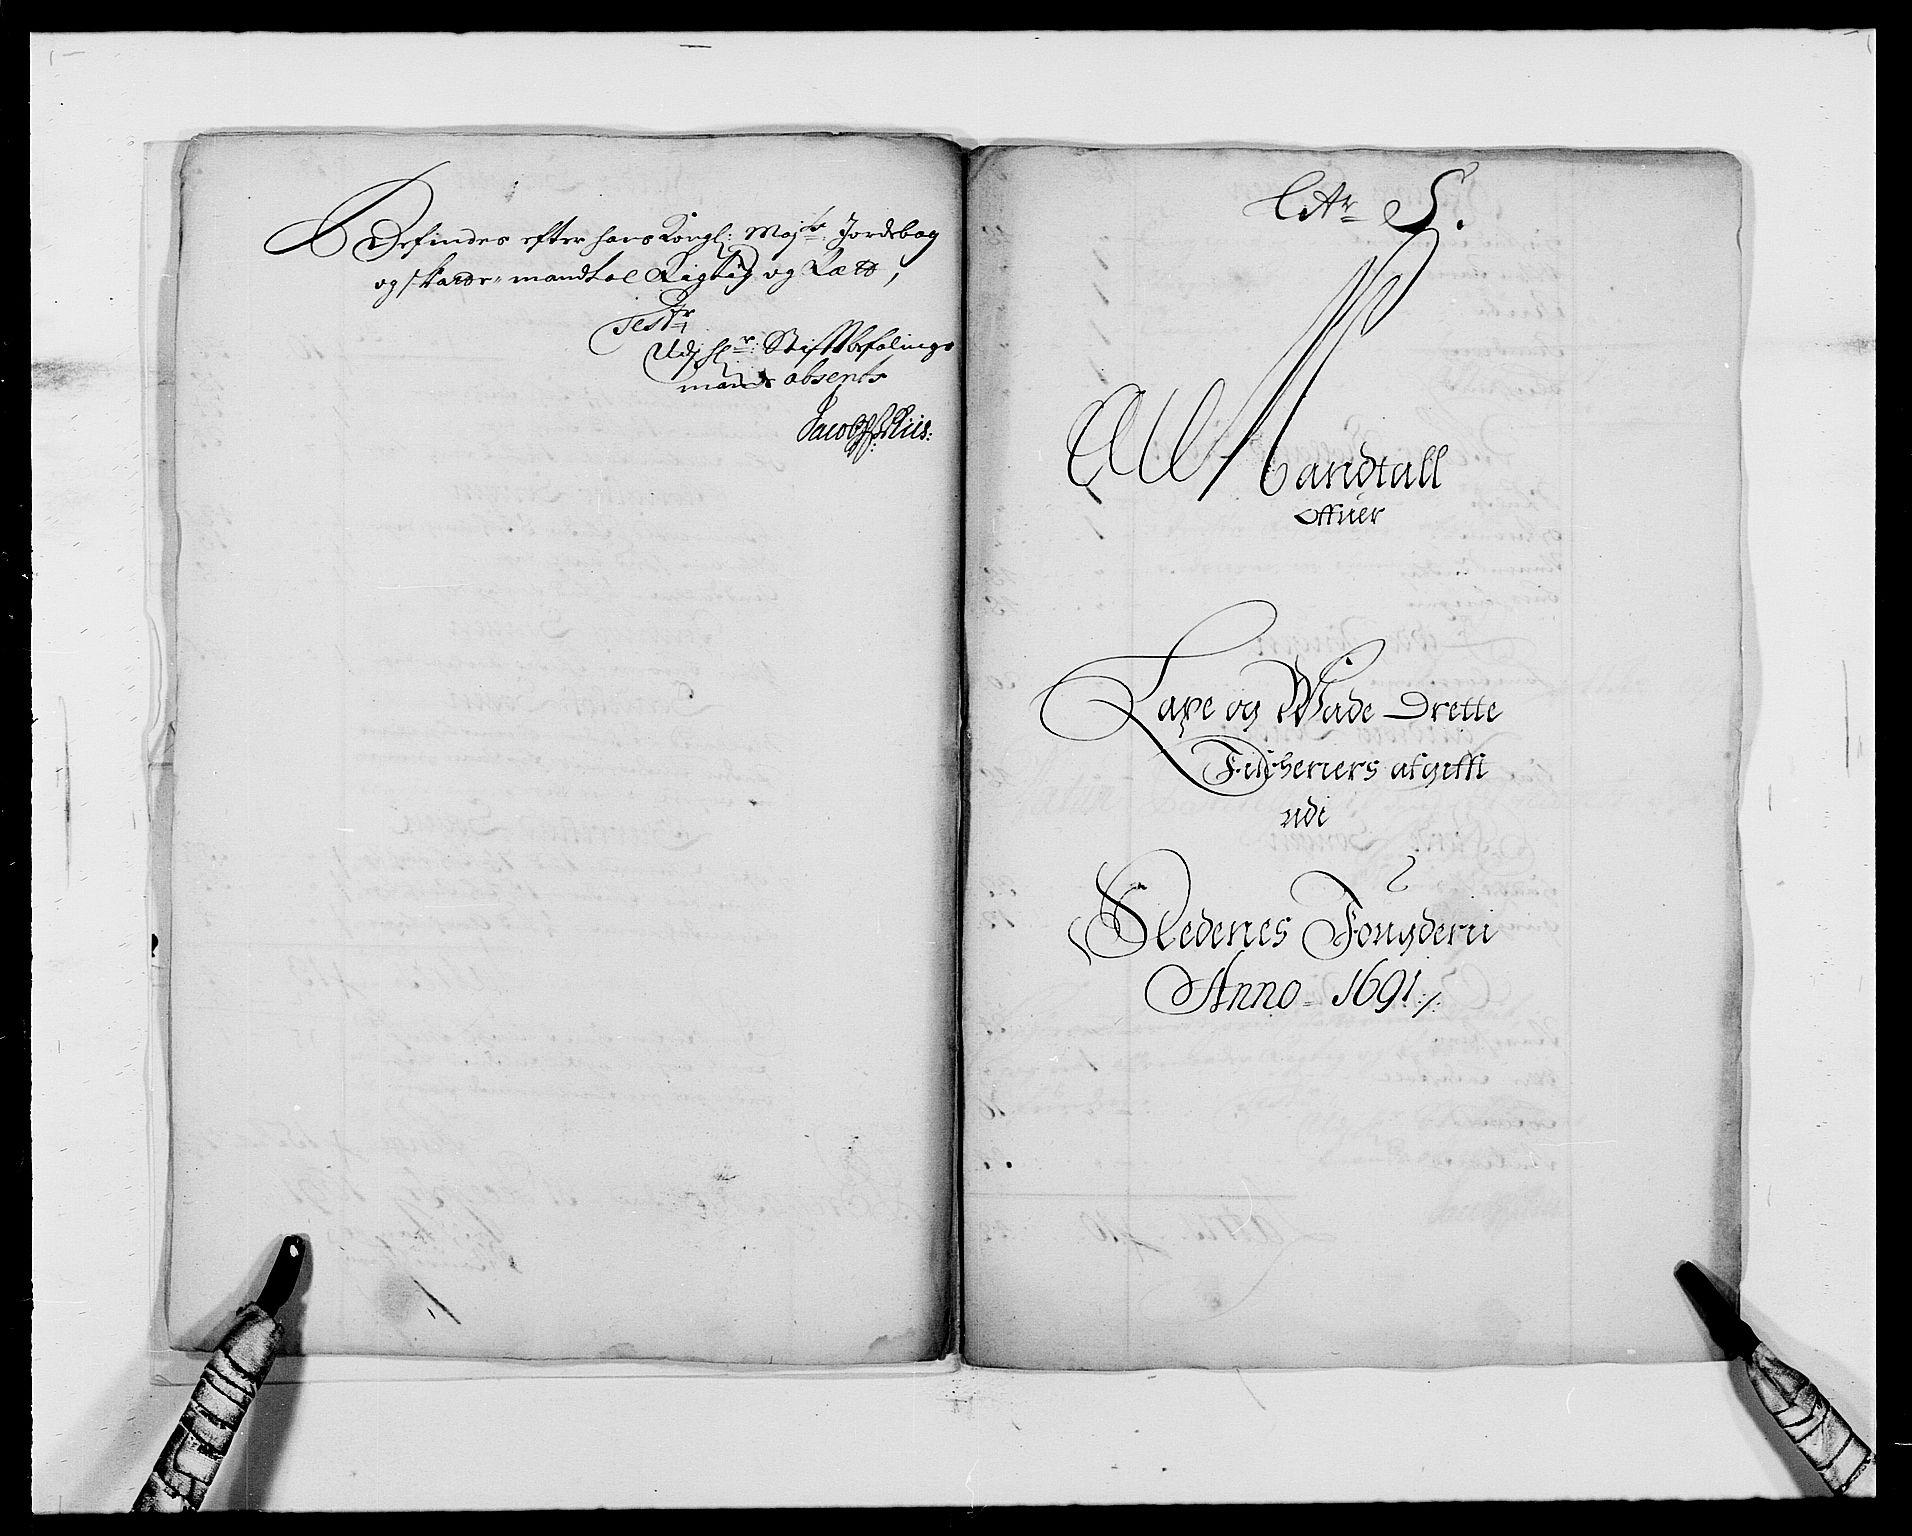 RA, Rentekammeret inntil 1814, Reviderte regnskaper, Fogderegnskap, R39/L2311: Fogderegnskap Nedenes, 1690-1692, s. 14